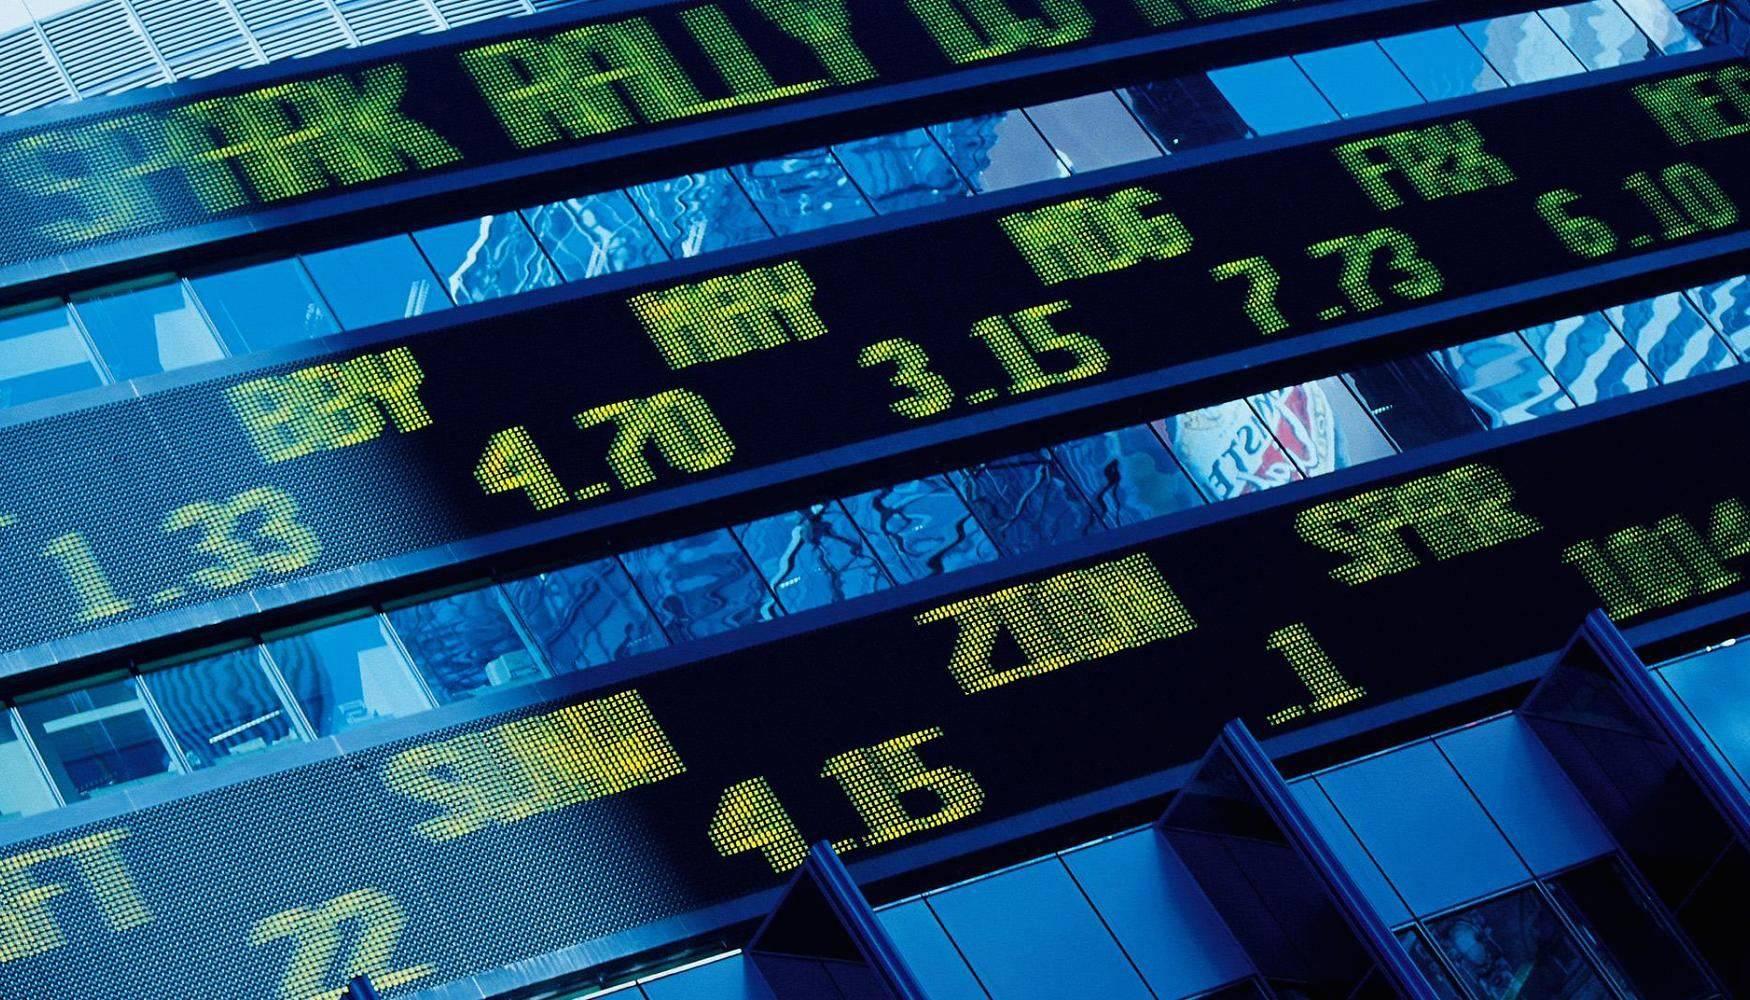 美股正面临大起大落期,标普500指数很难演绎完美上涨?